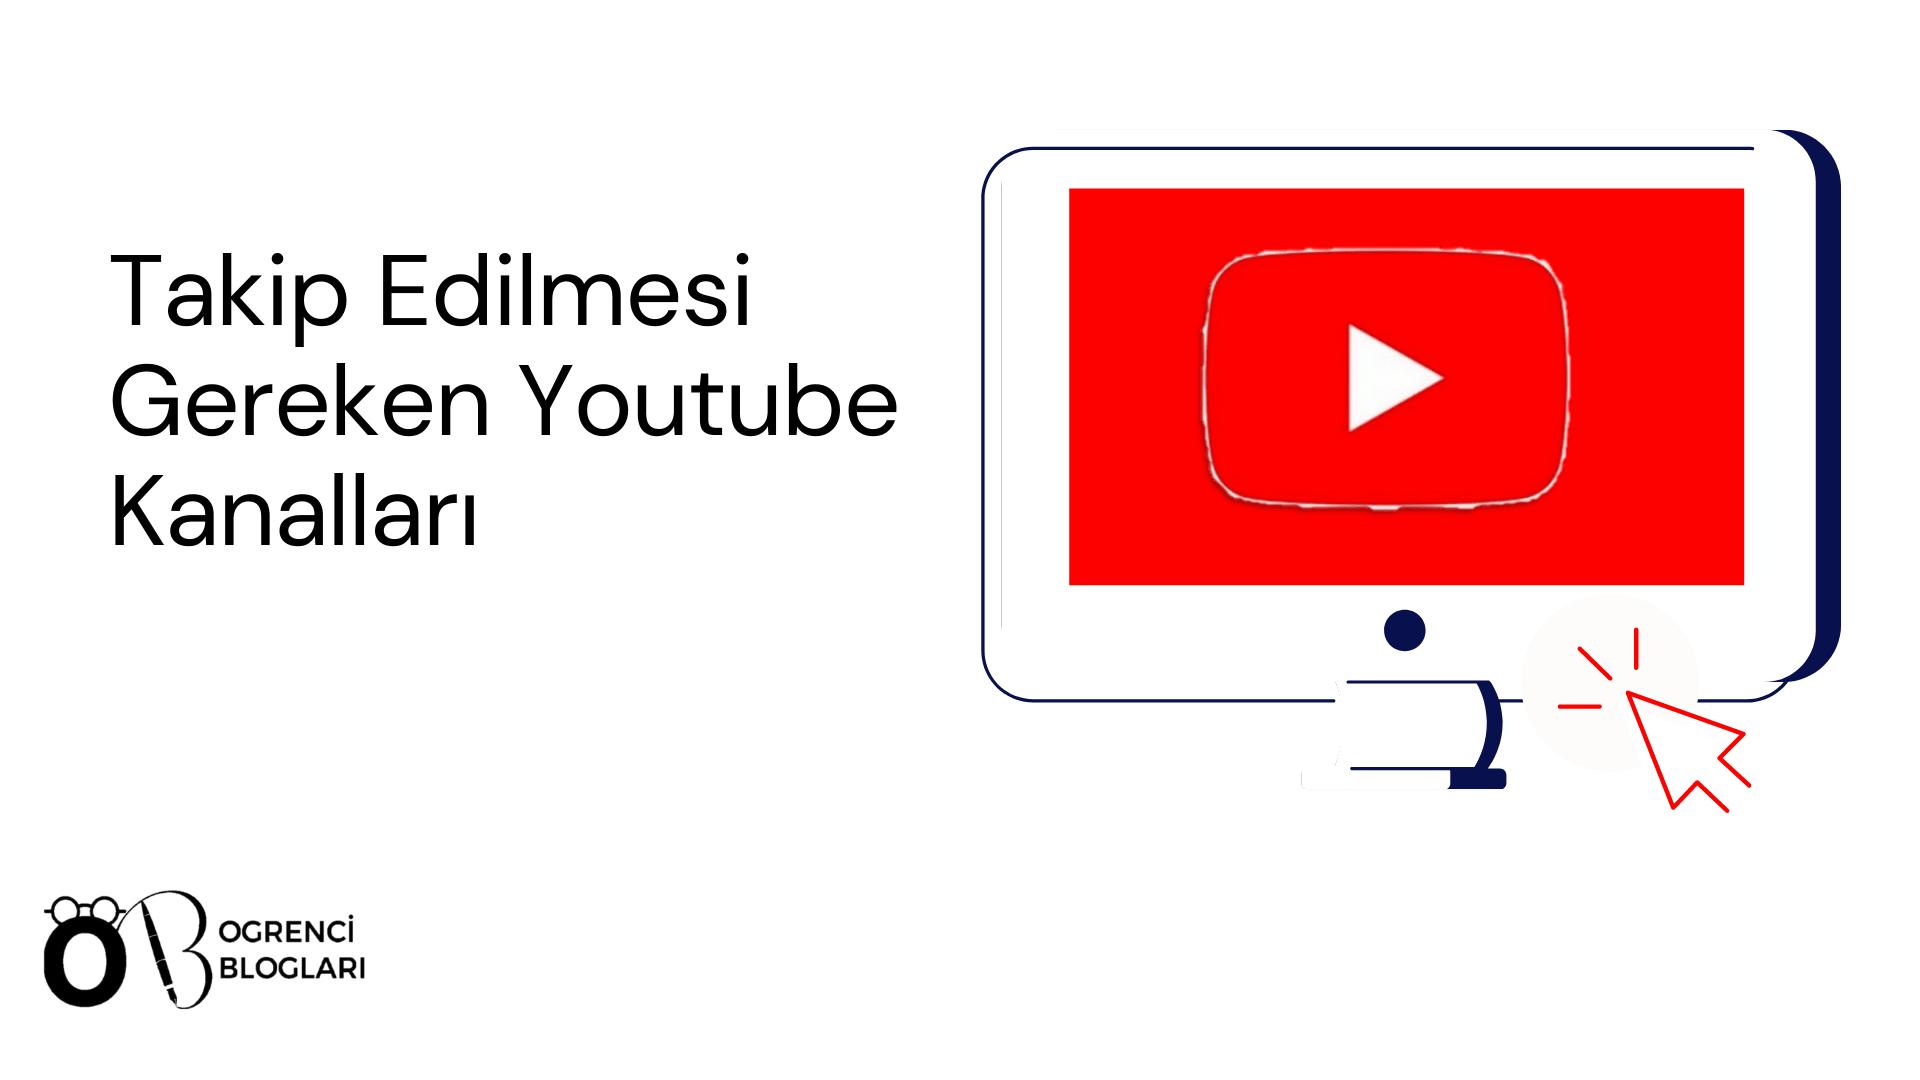 Takip edilmesi gereken youtube kanalları